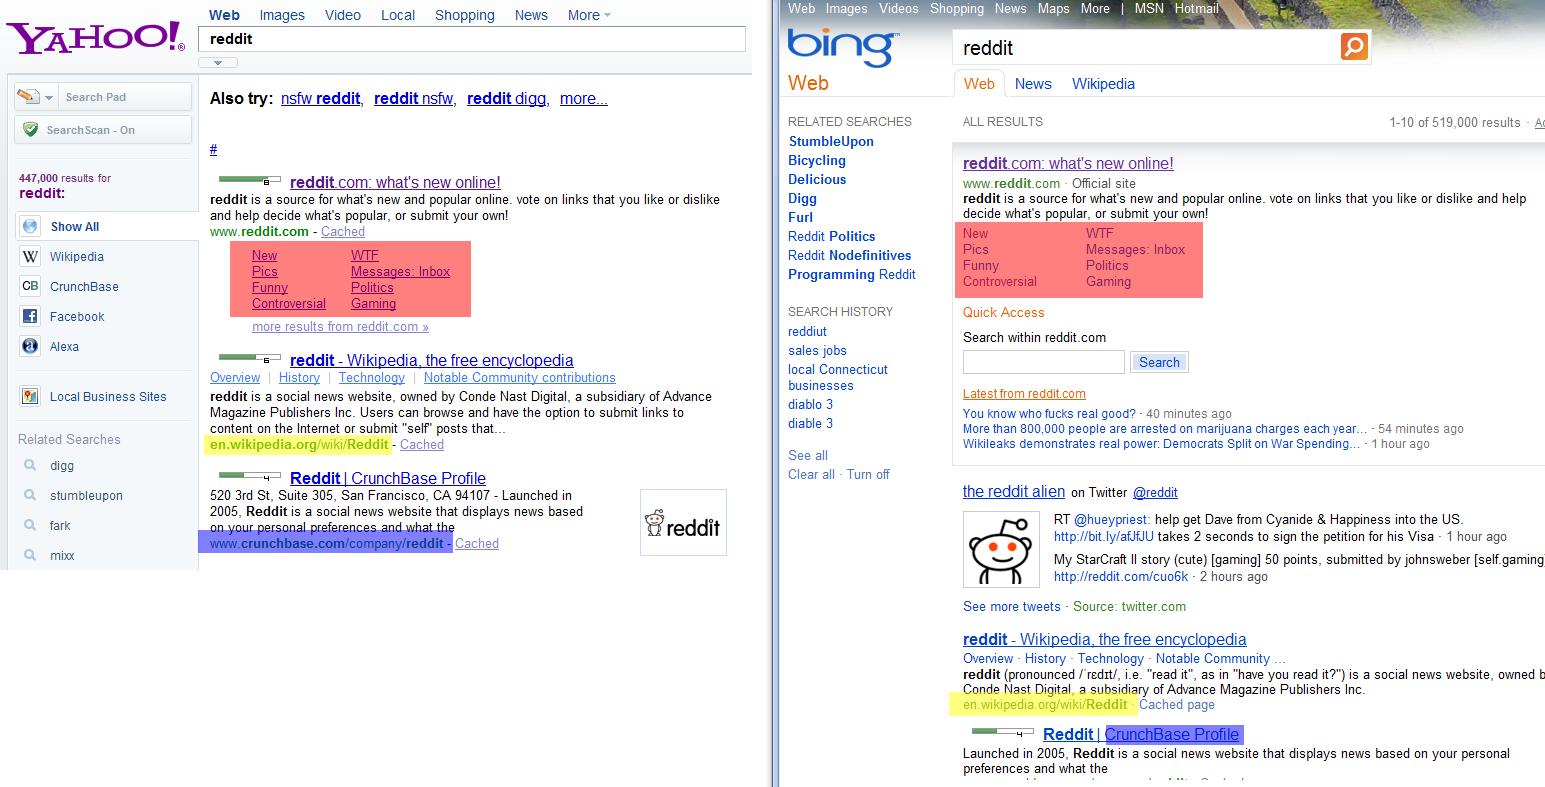 Yahoo!/Bing Reddit